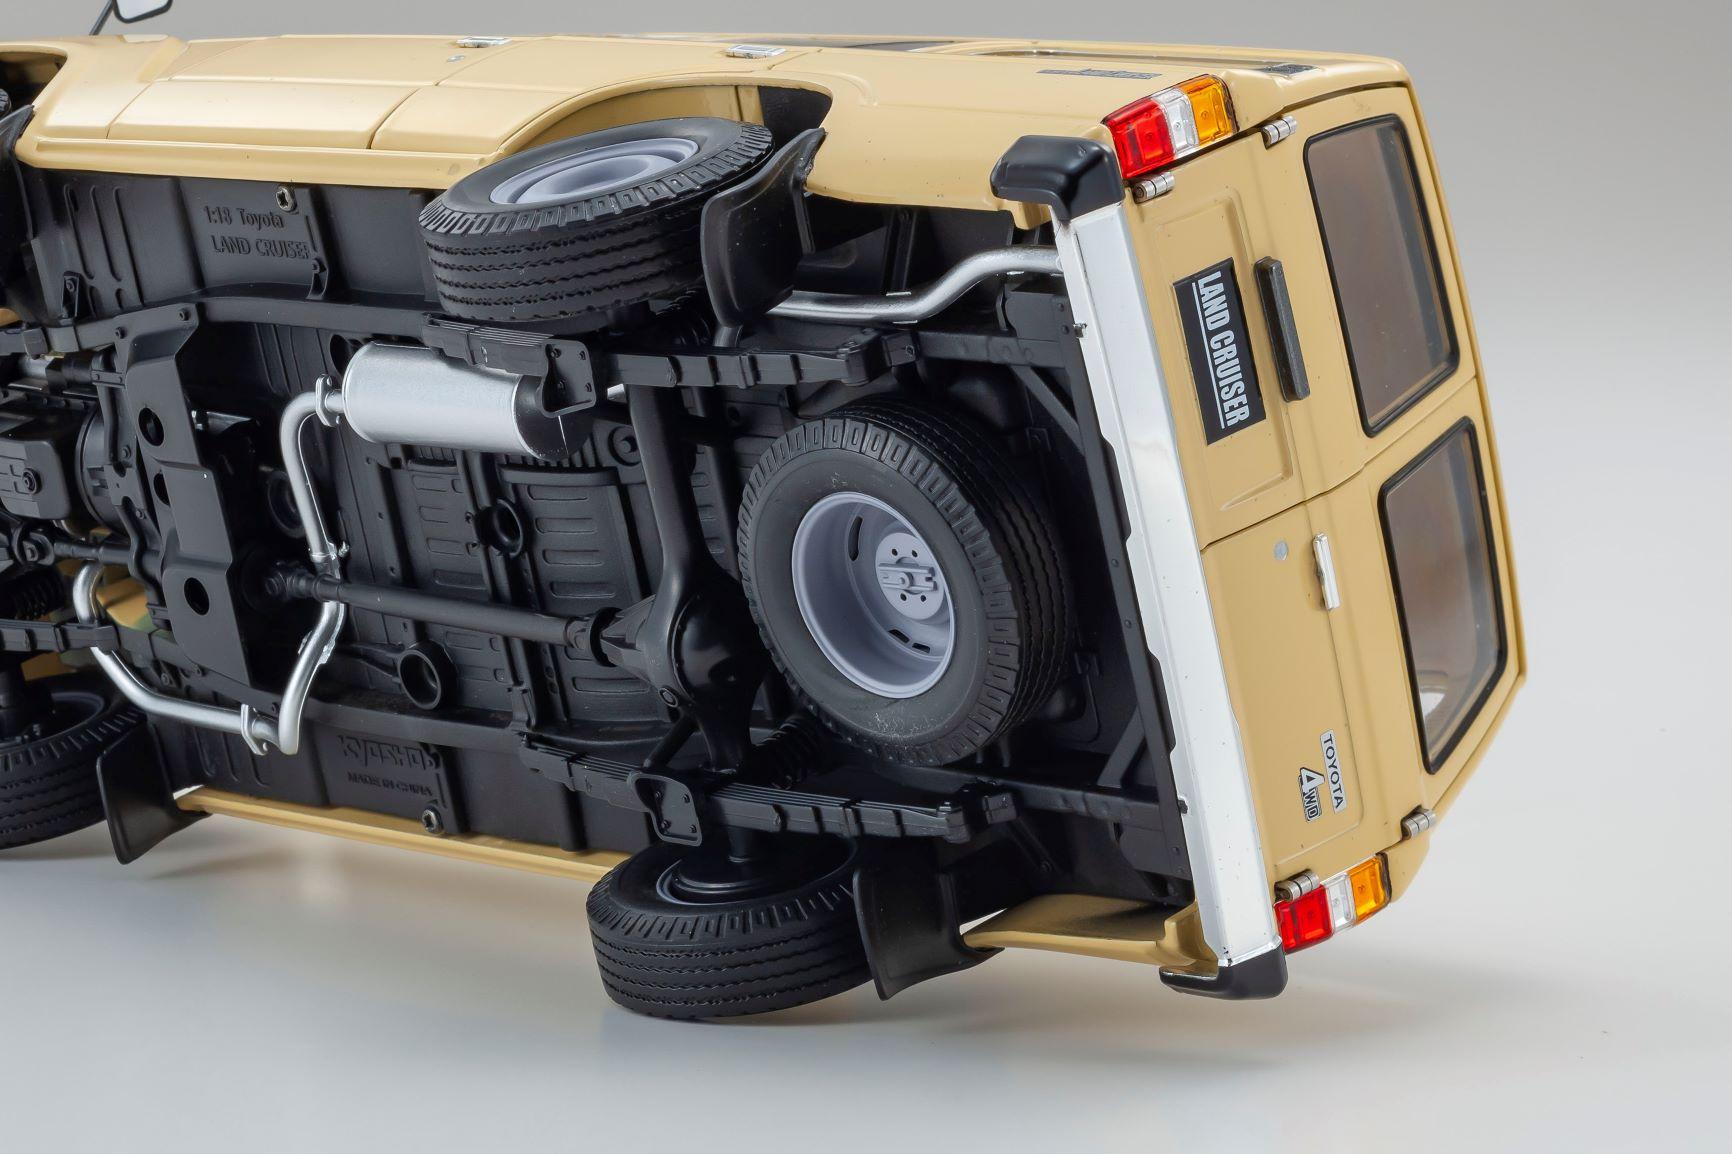 1/18 Toyota Land Cruiser BJ60 Kyosho (08956BE)